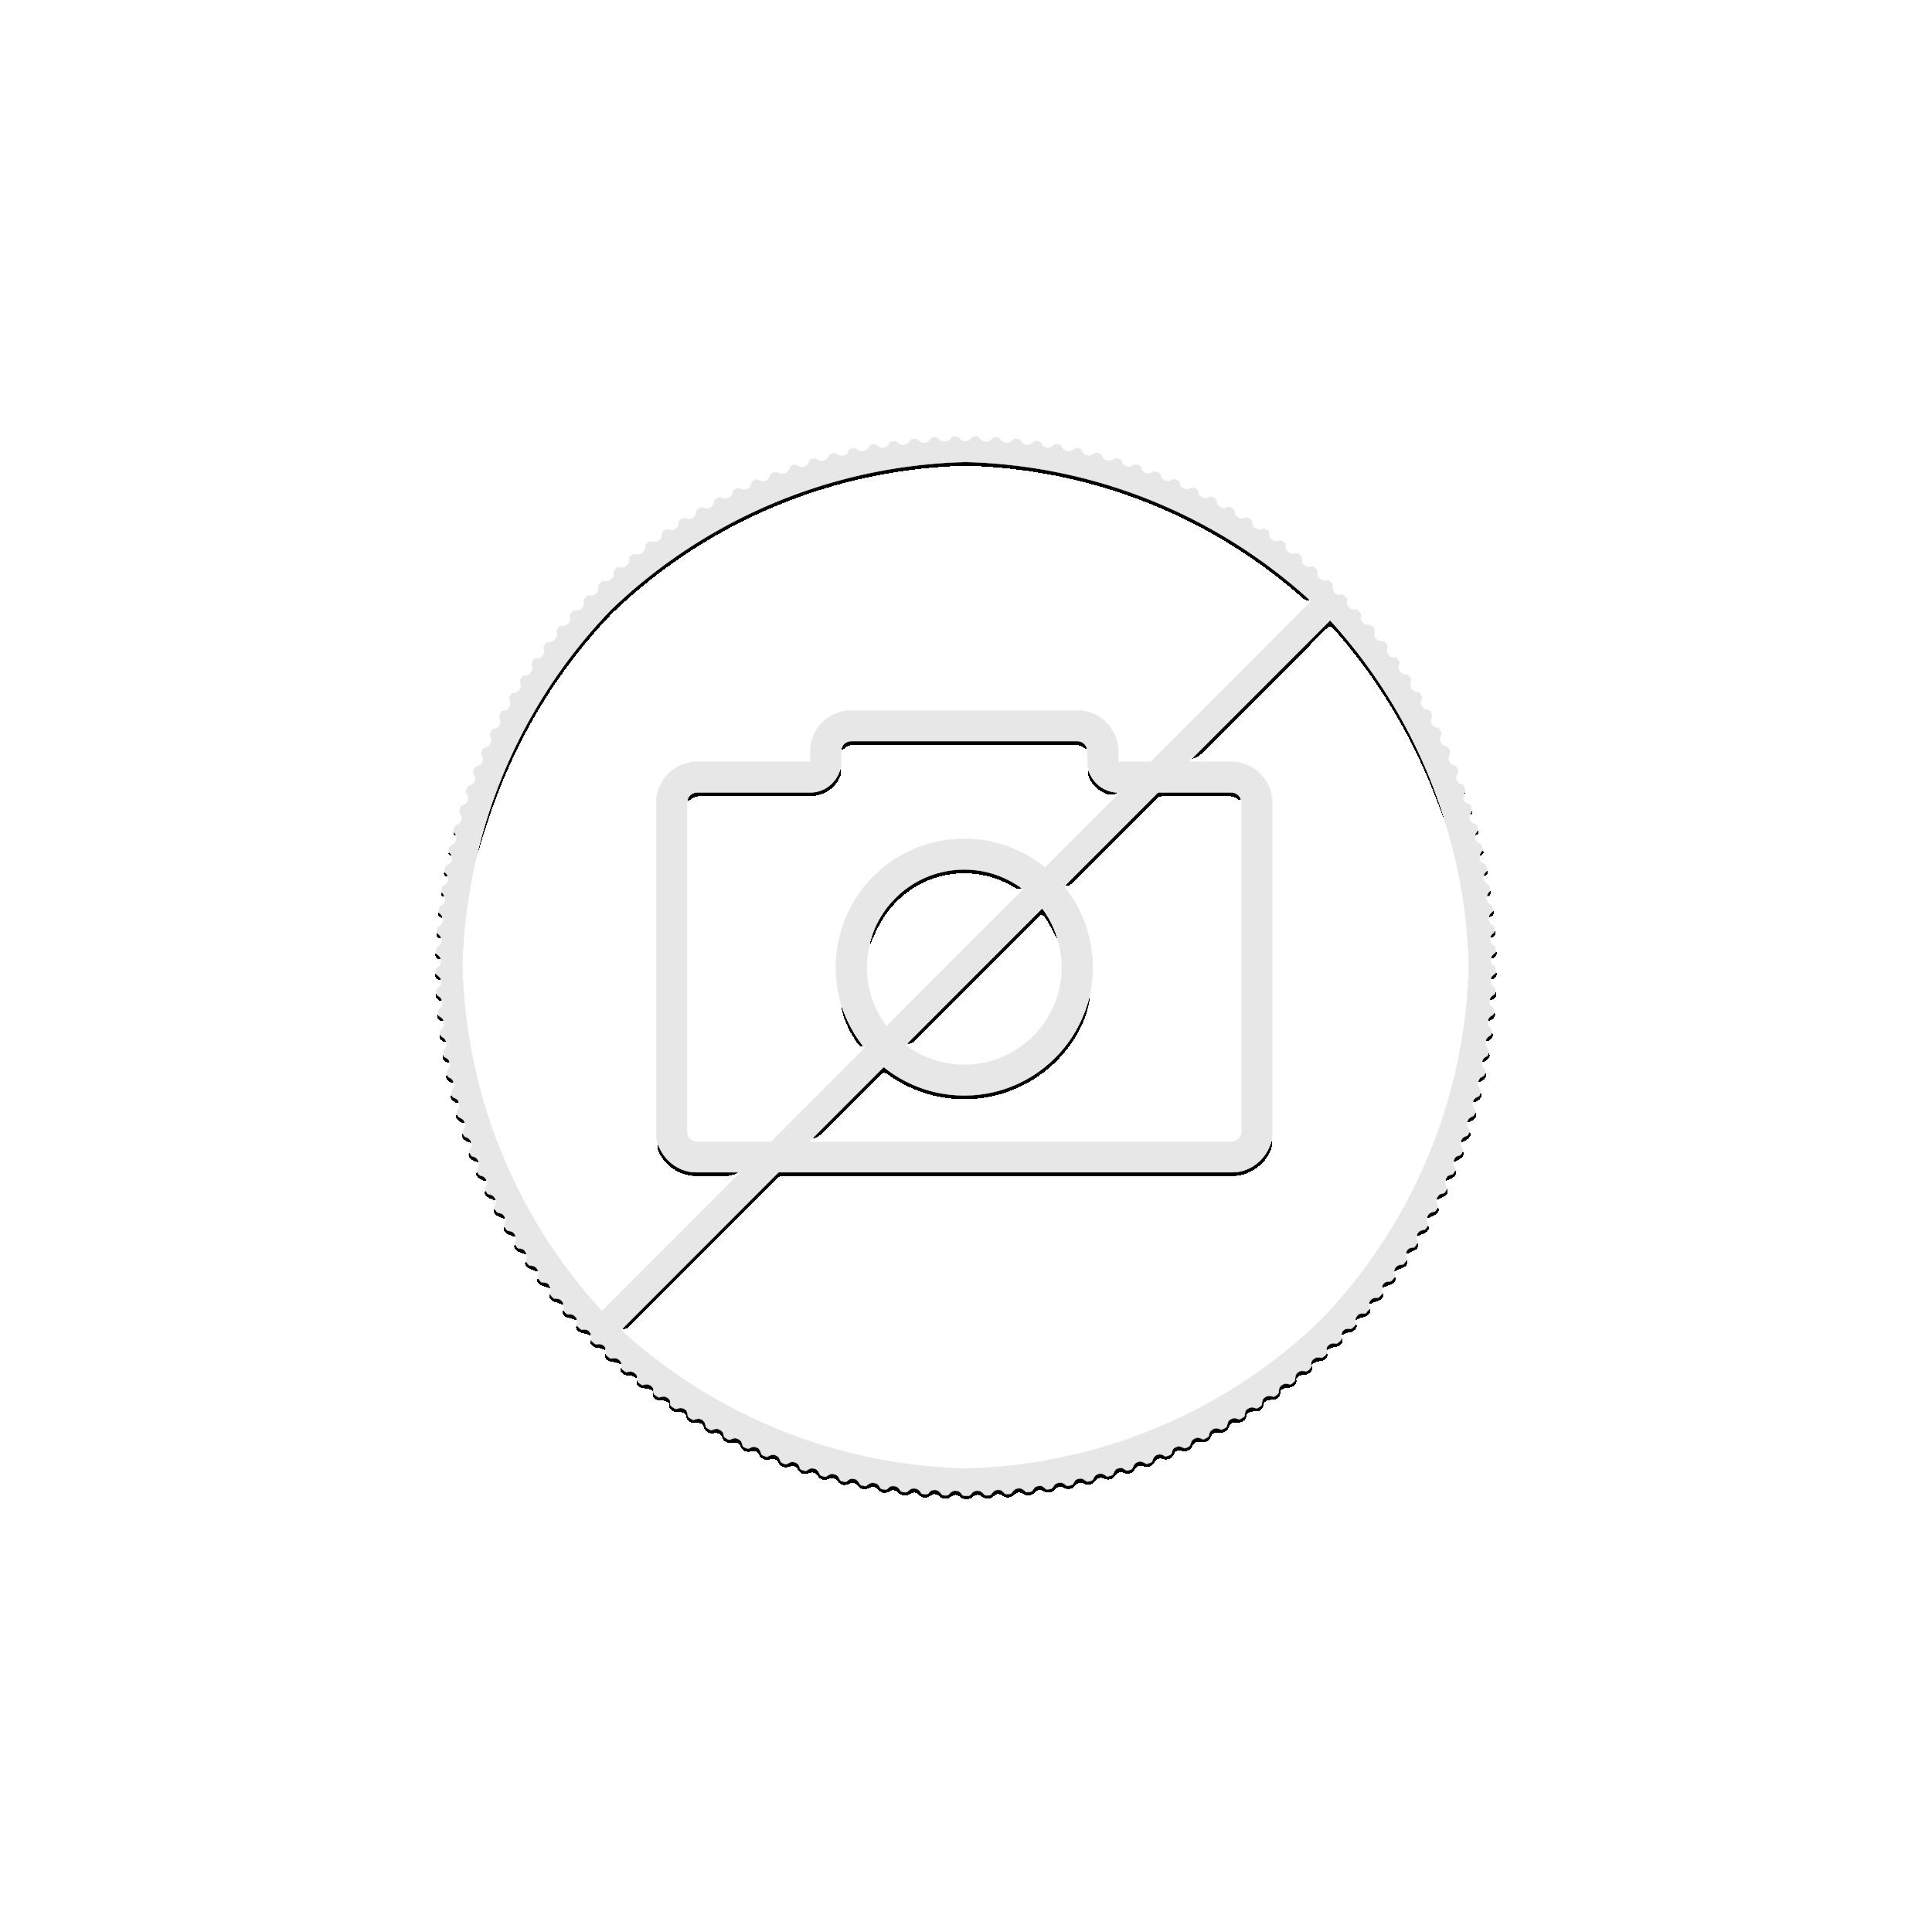 Gold Guilder 2001 - 13.2 grams fine gold